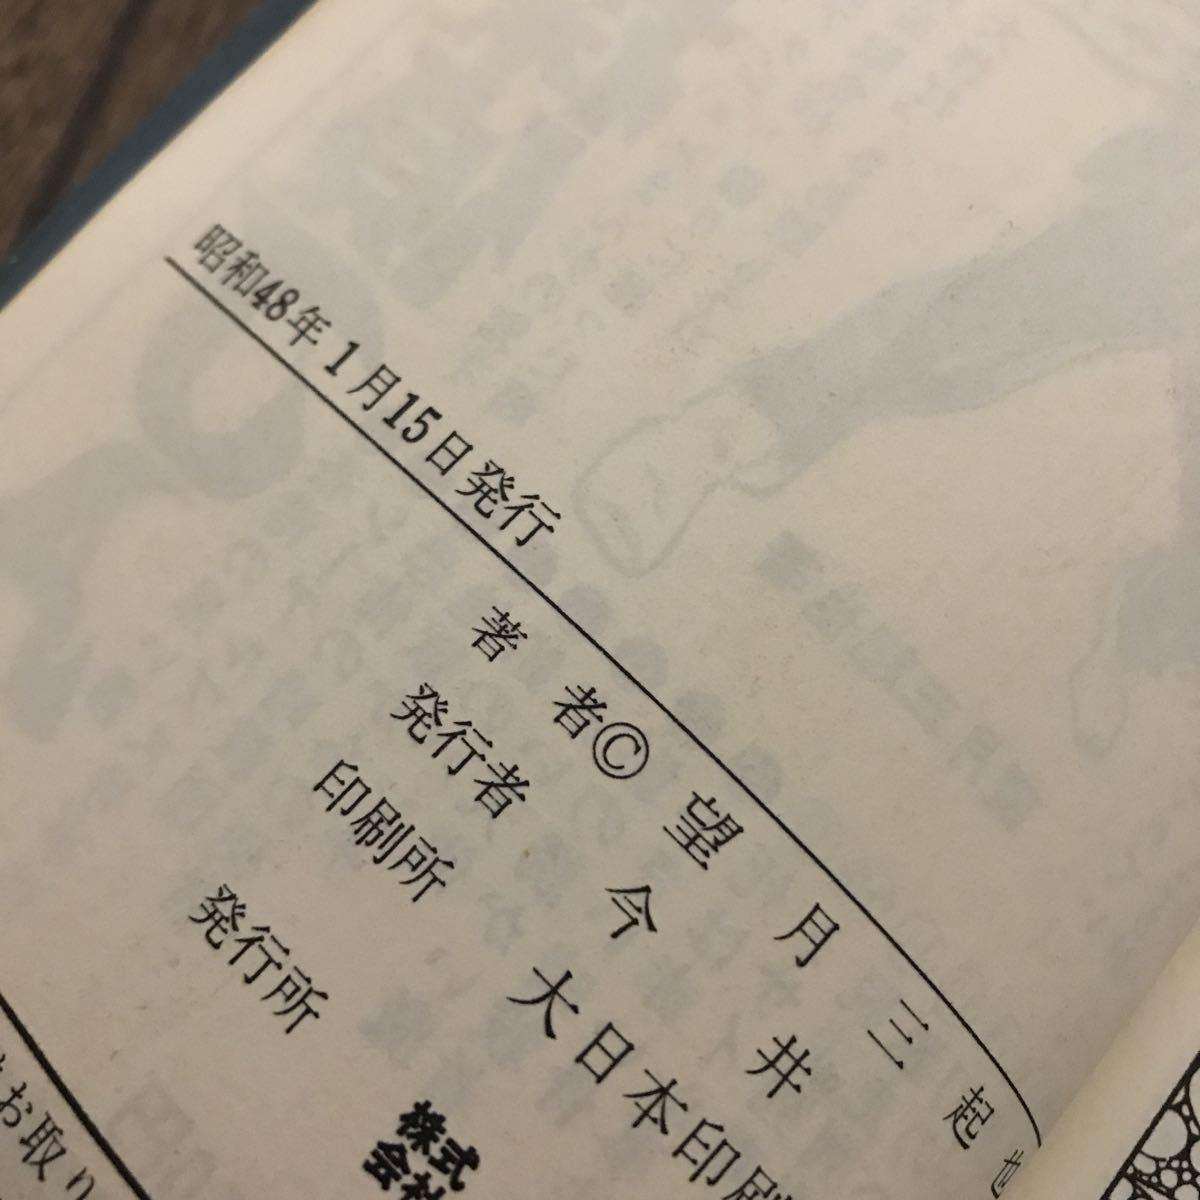 最新版 秘密探偵JA 8巻 望月三起也(著者) 少年画報社 新書版_画像6